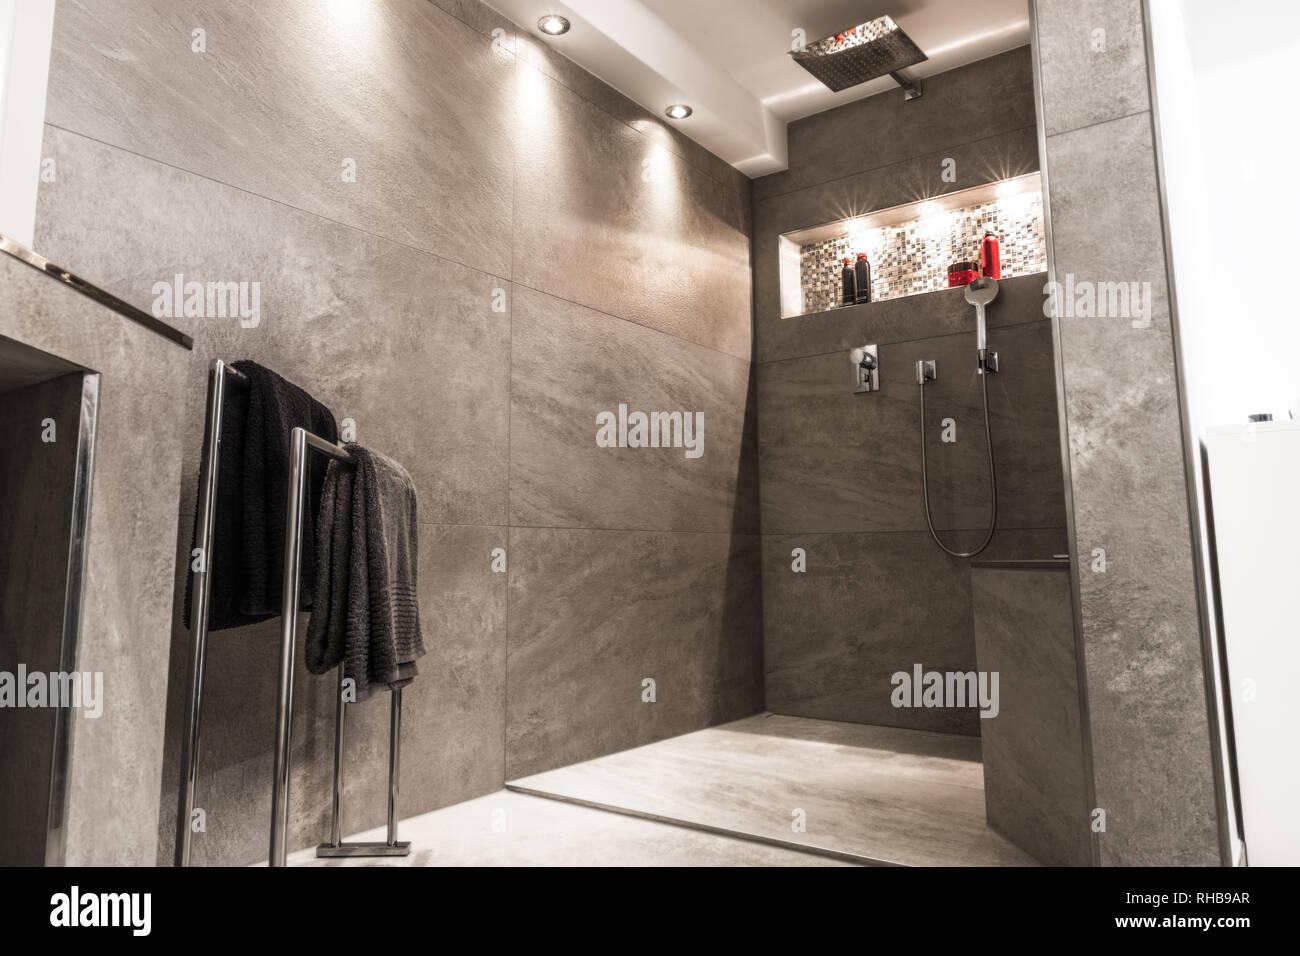 Moderner Luxus Badezimmer Einrichtung offen, hell und sauber. Stockbild